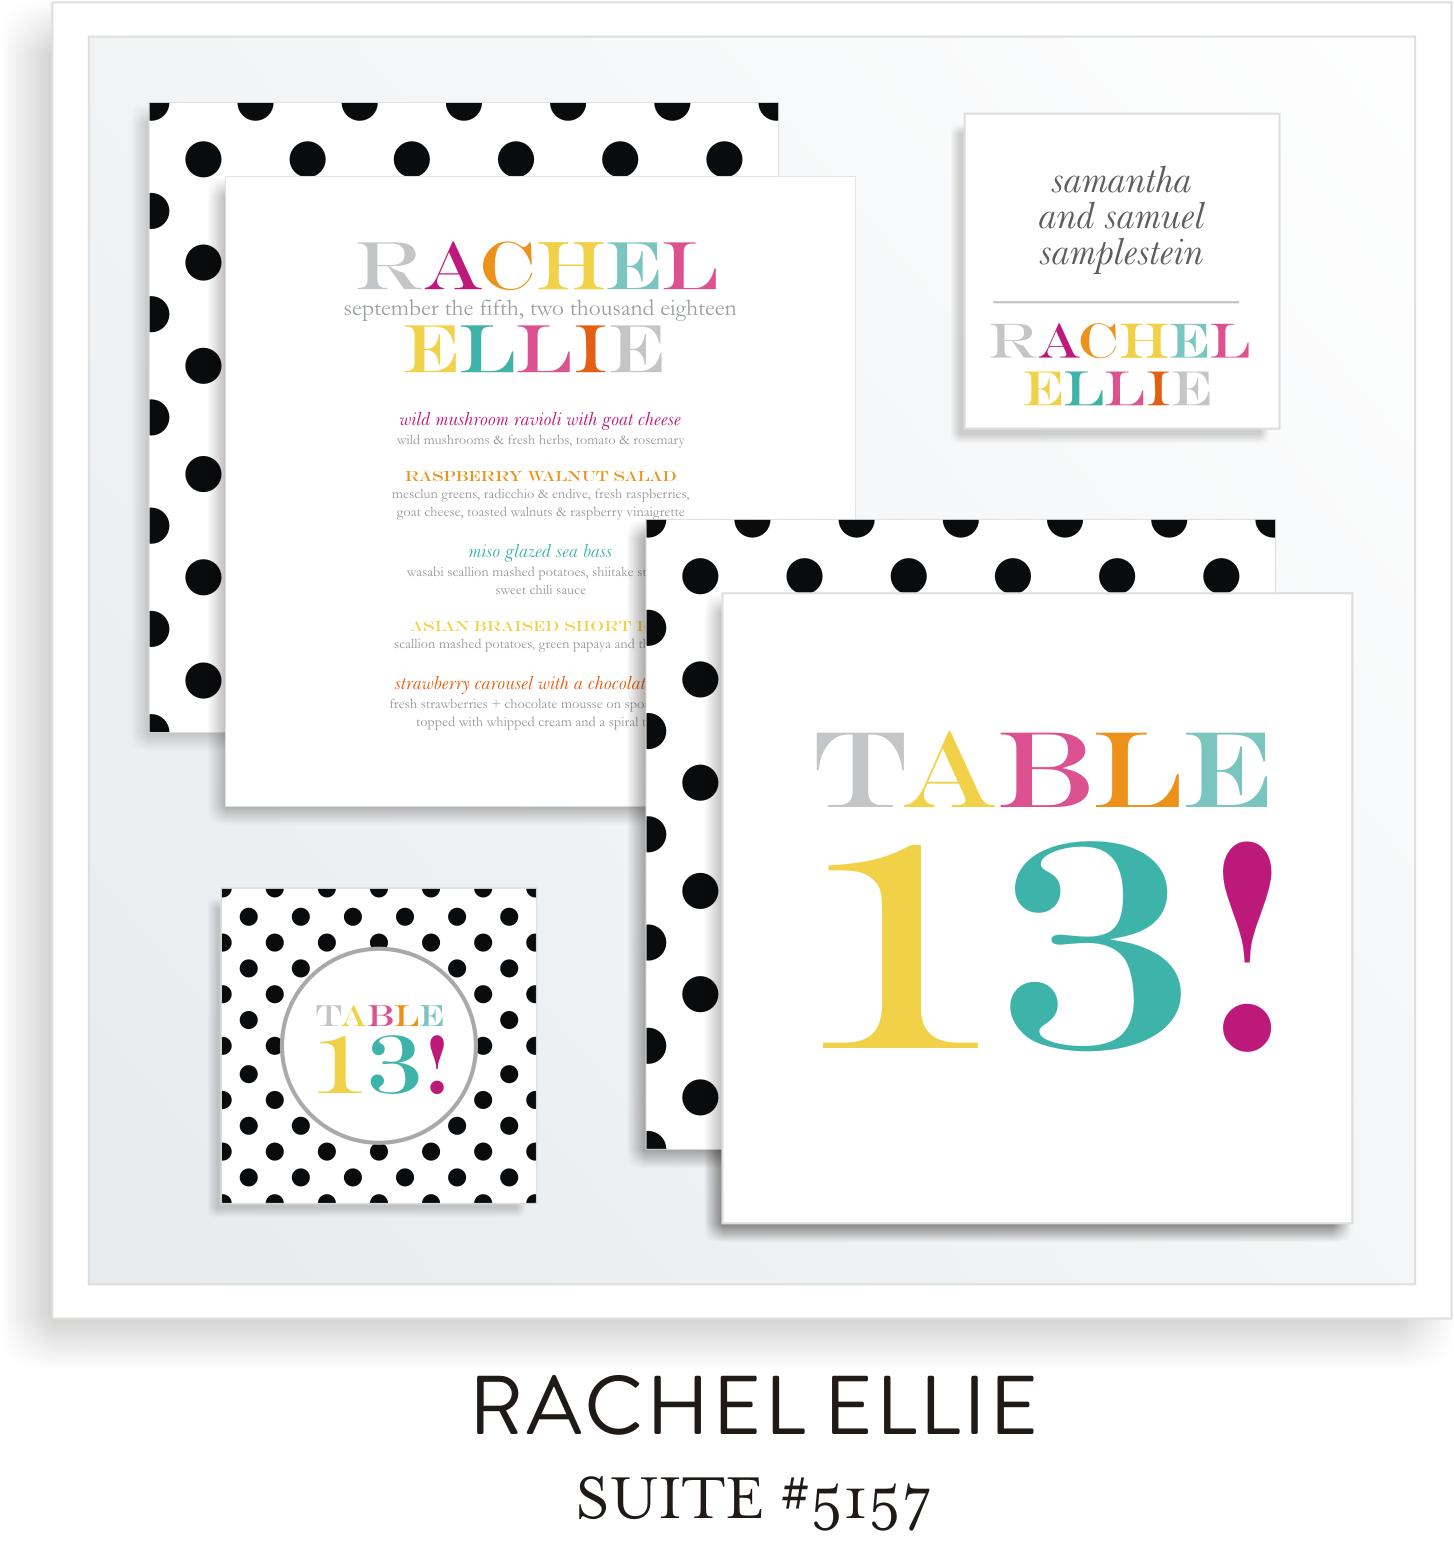 Table Top Decor Suite 5157 - Rachel Ellie